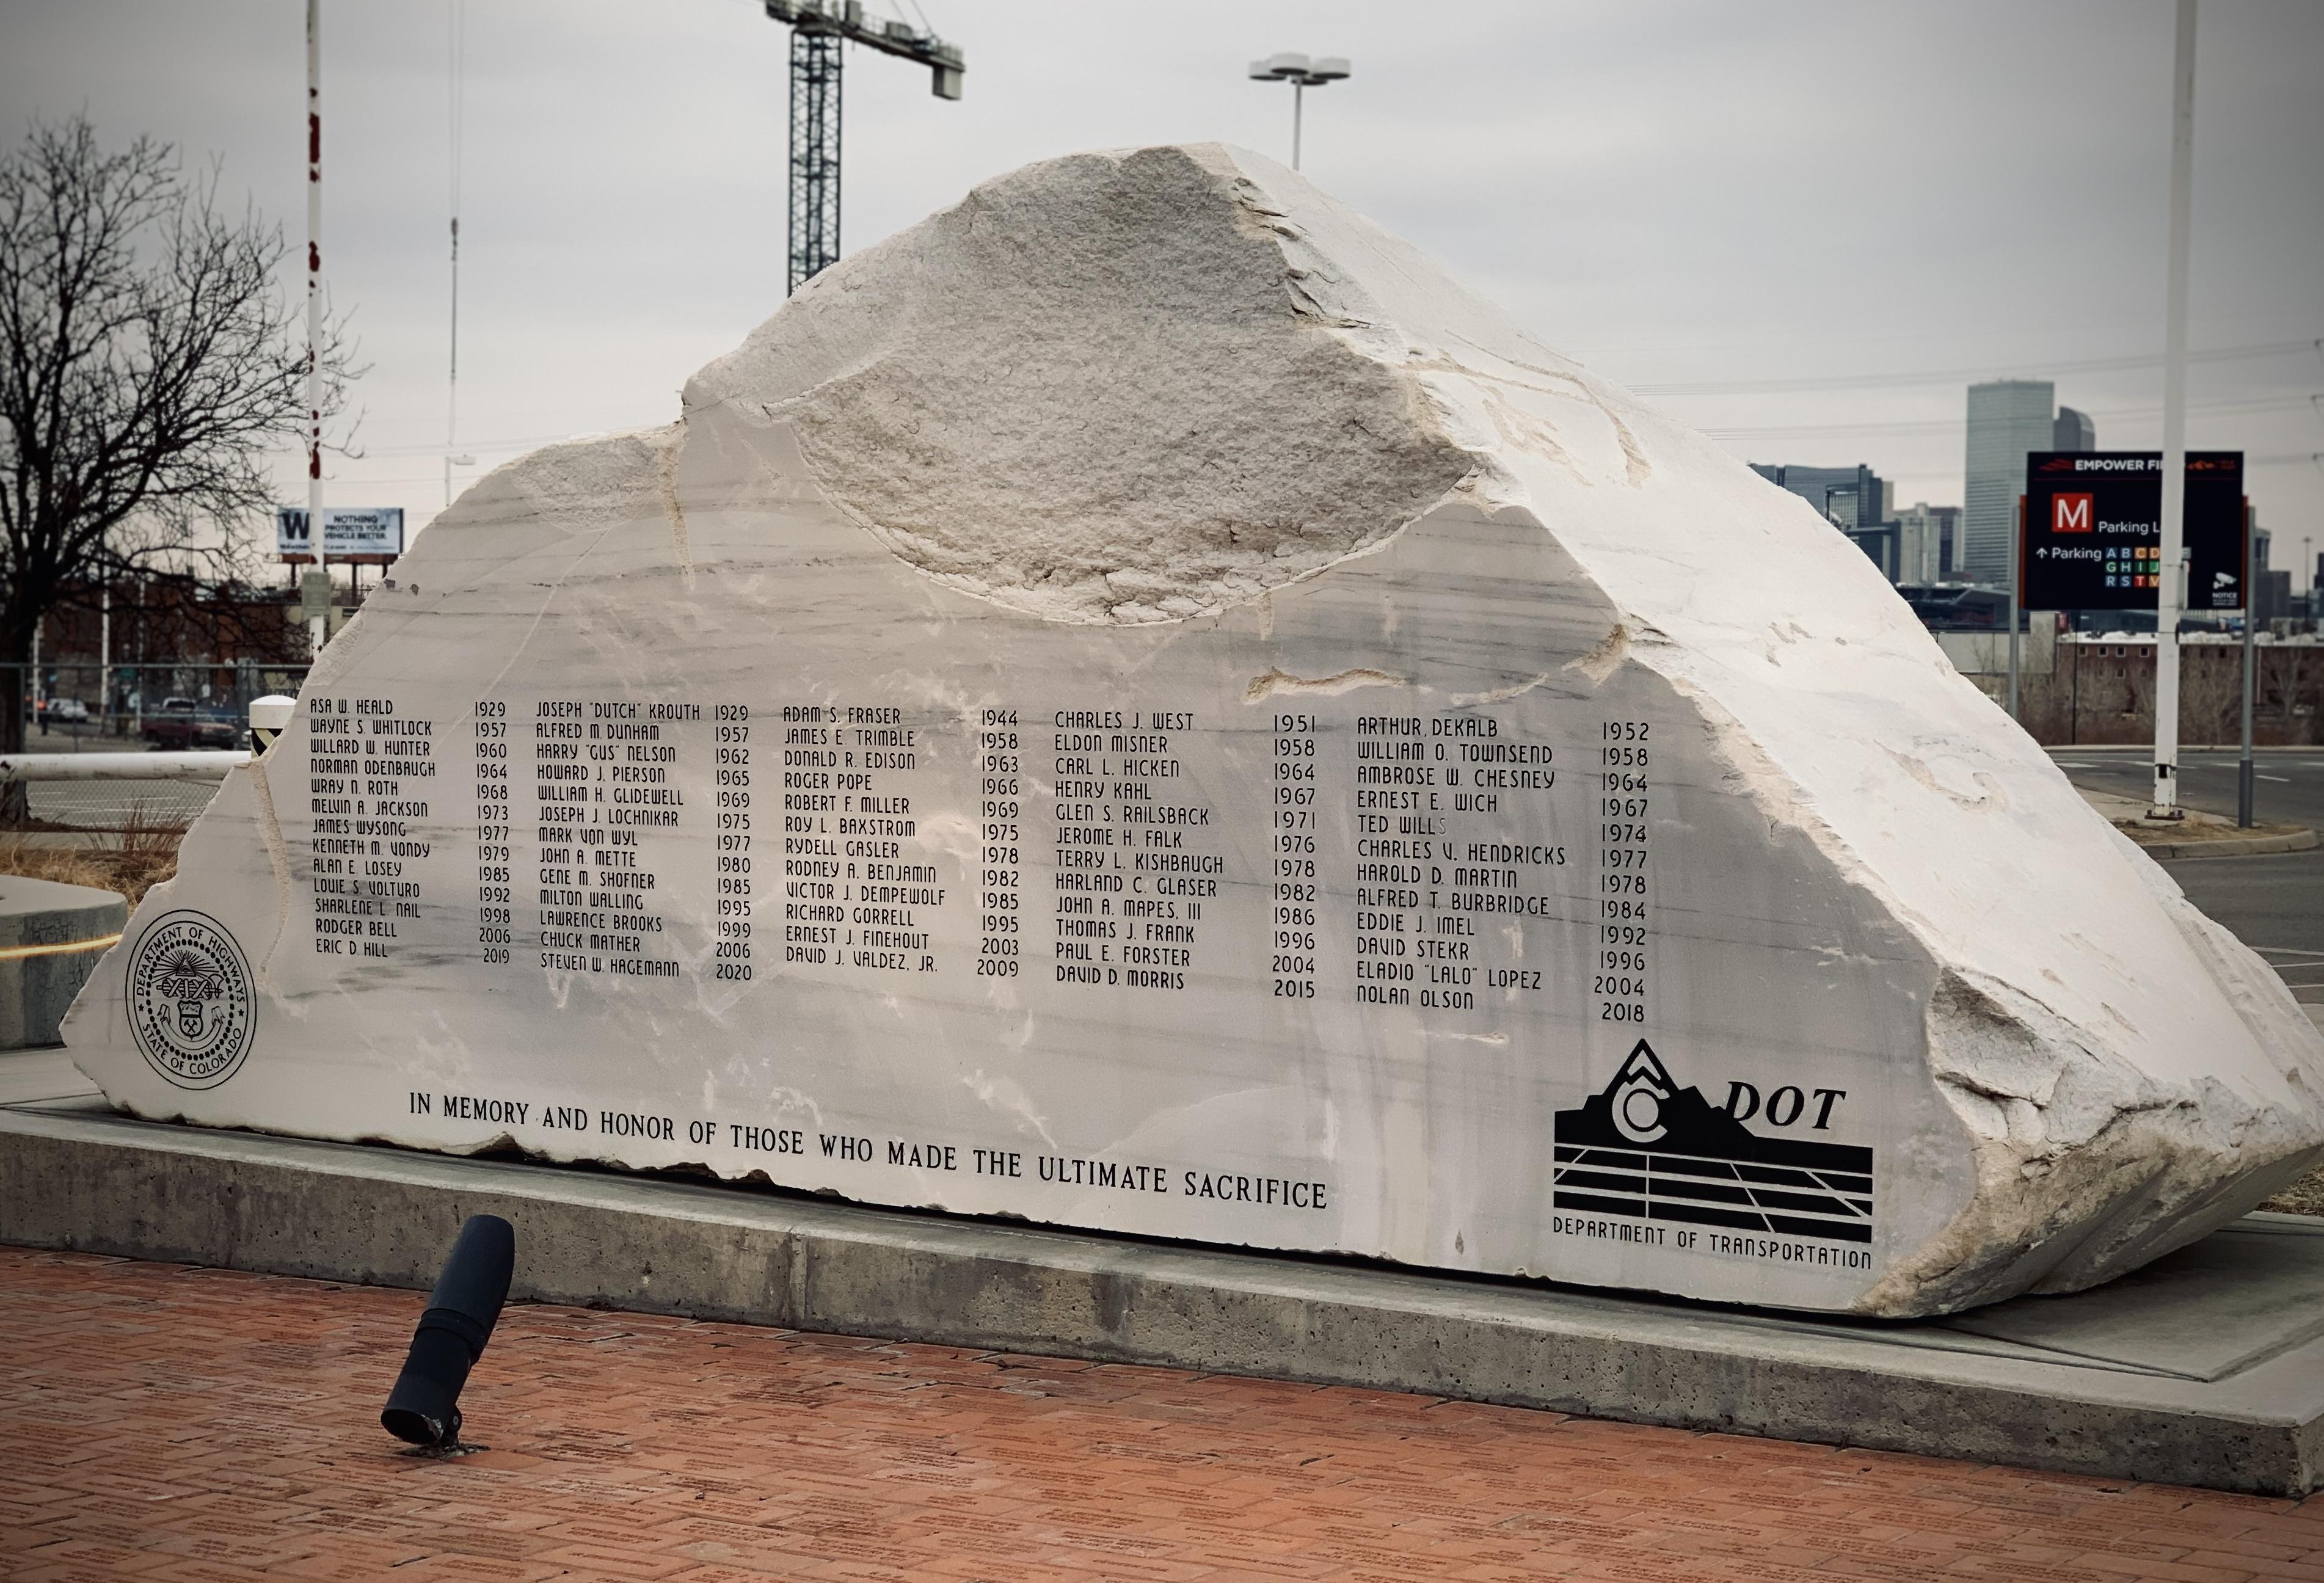 The CDOT Memorial